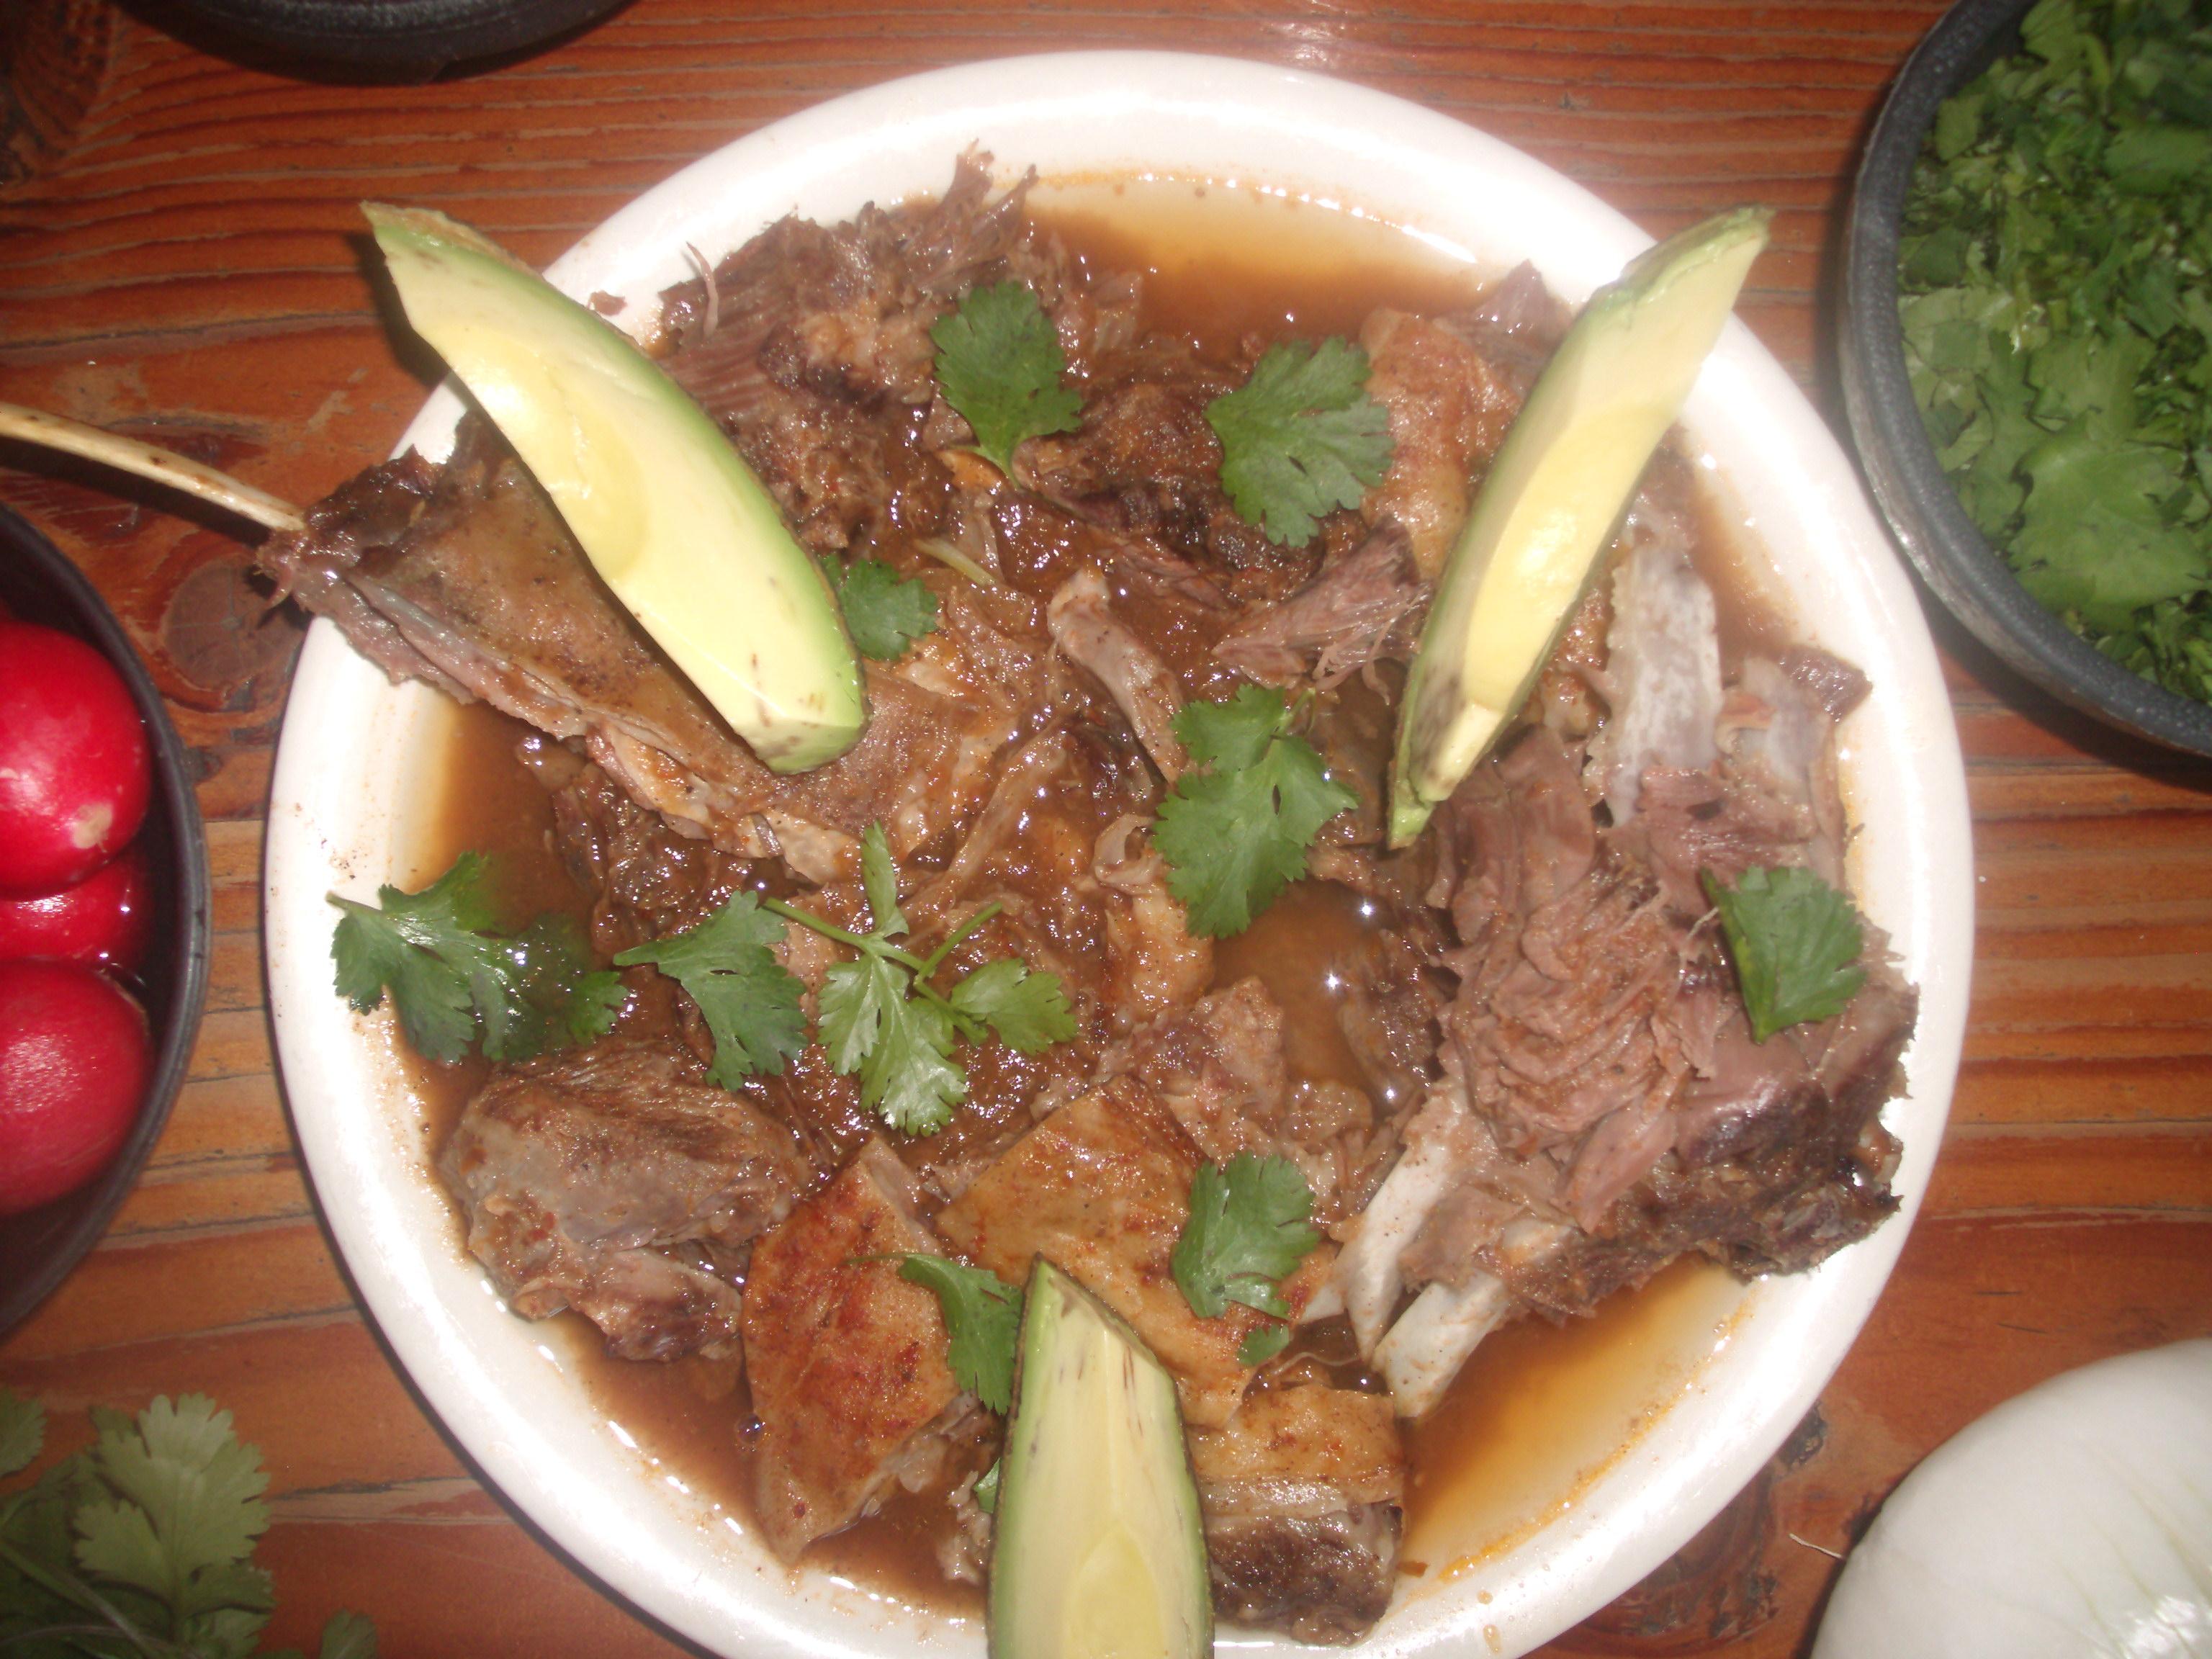 Receta de Birria Estilo Jalisco - Guia de recetas